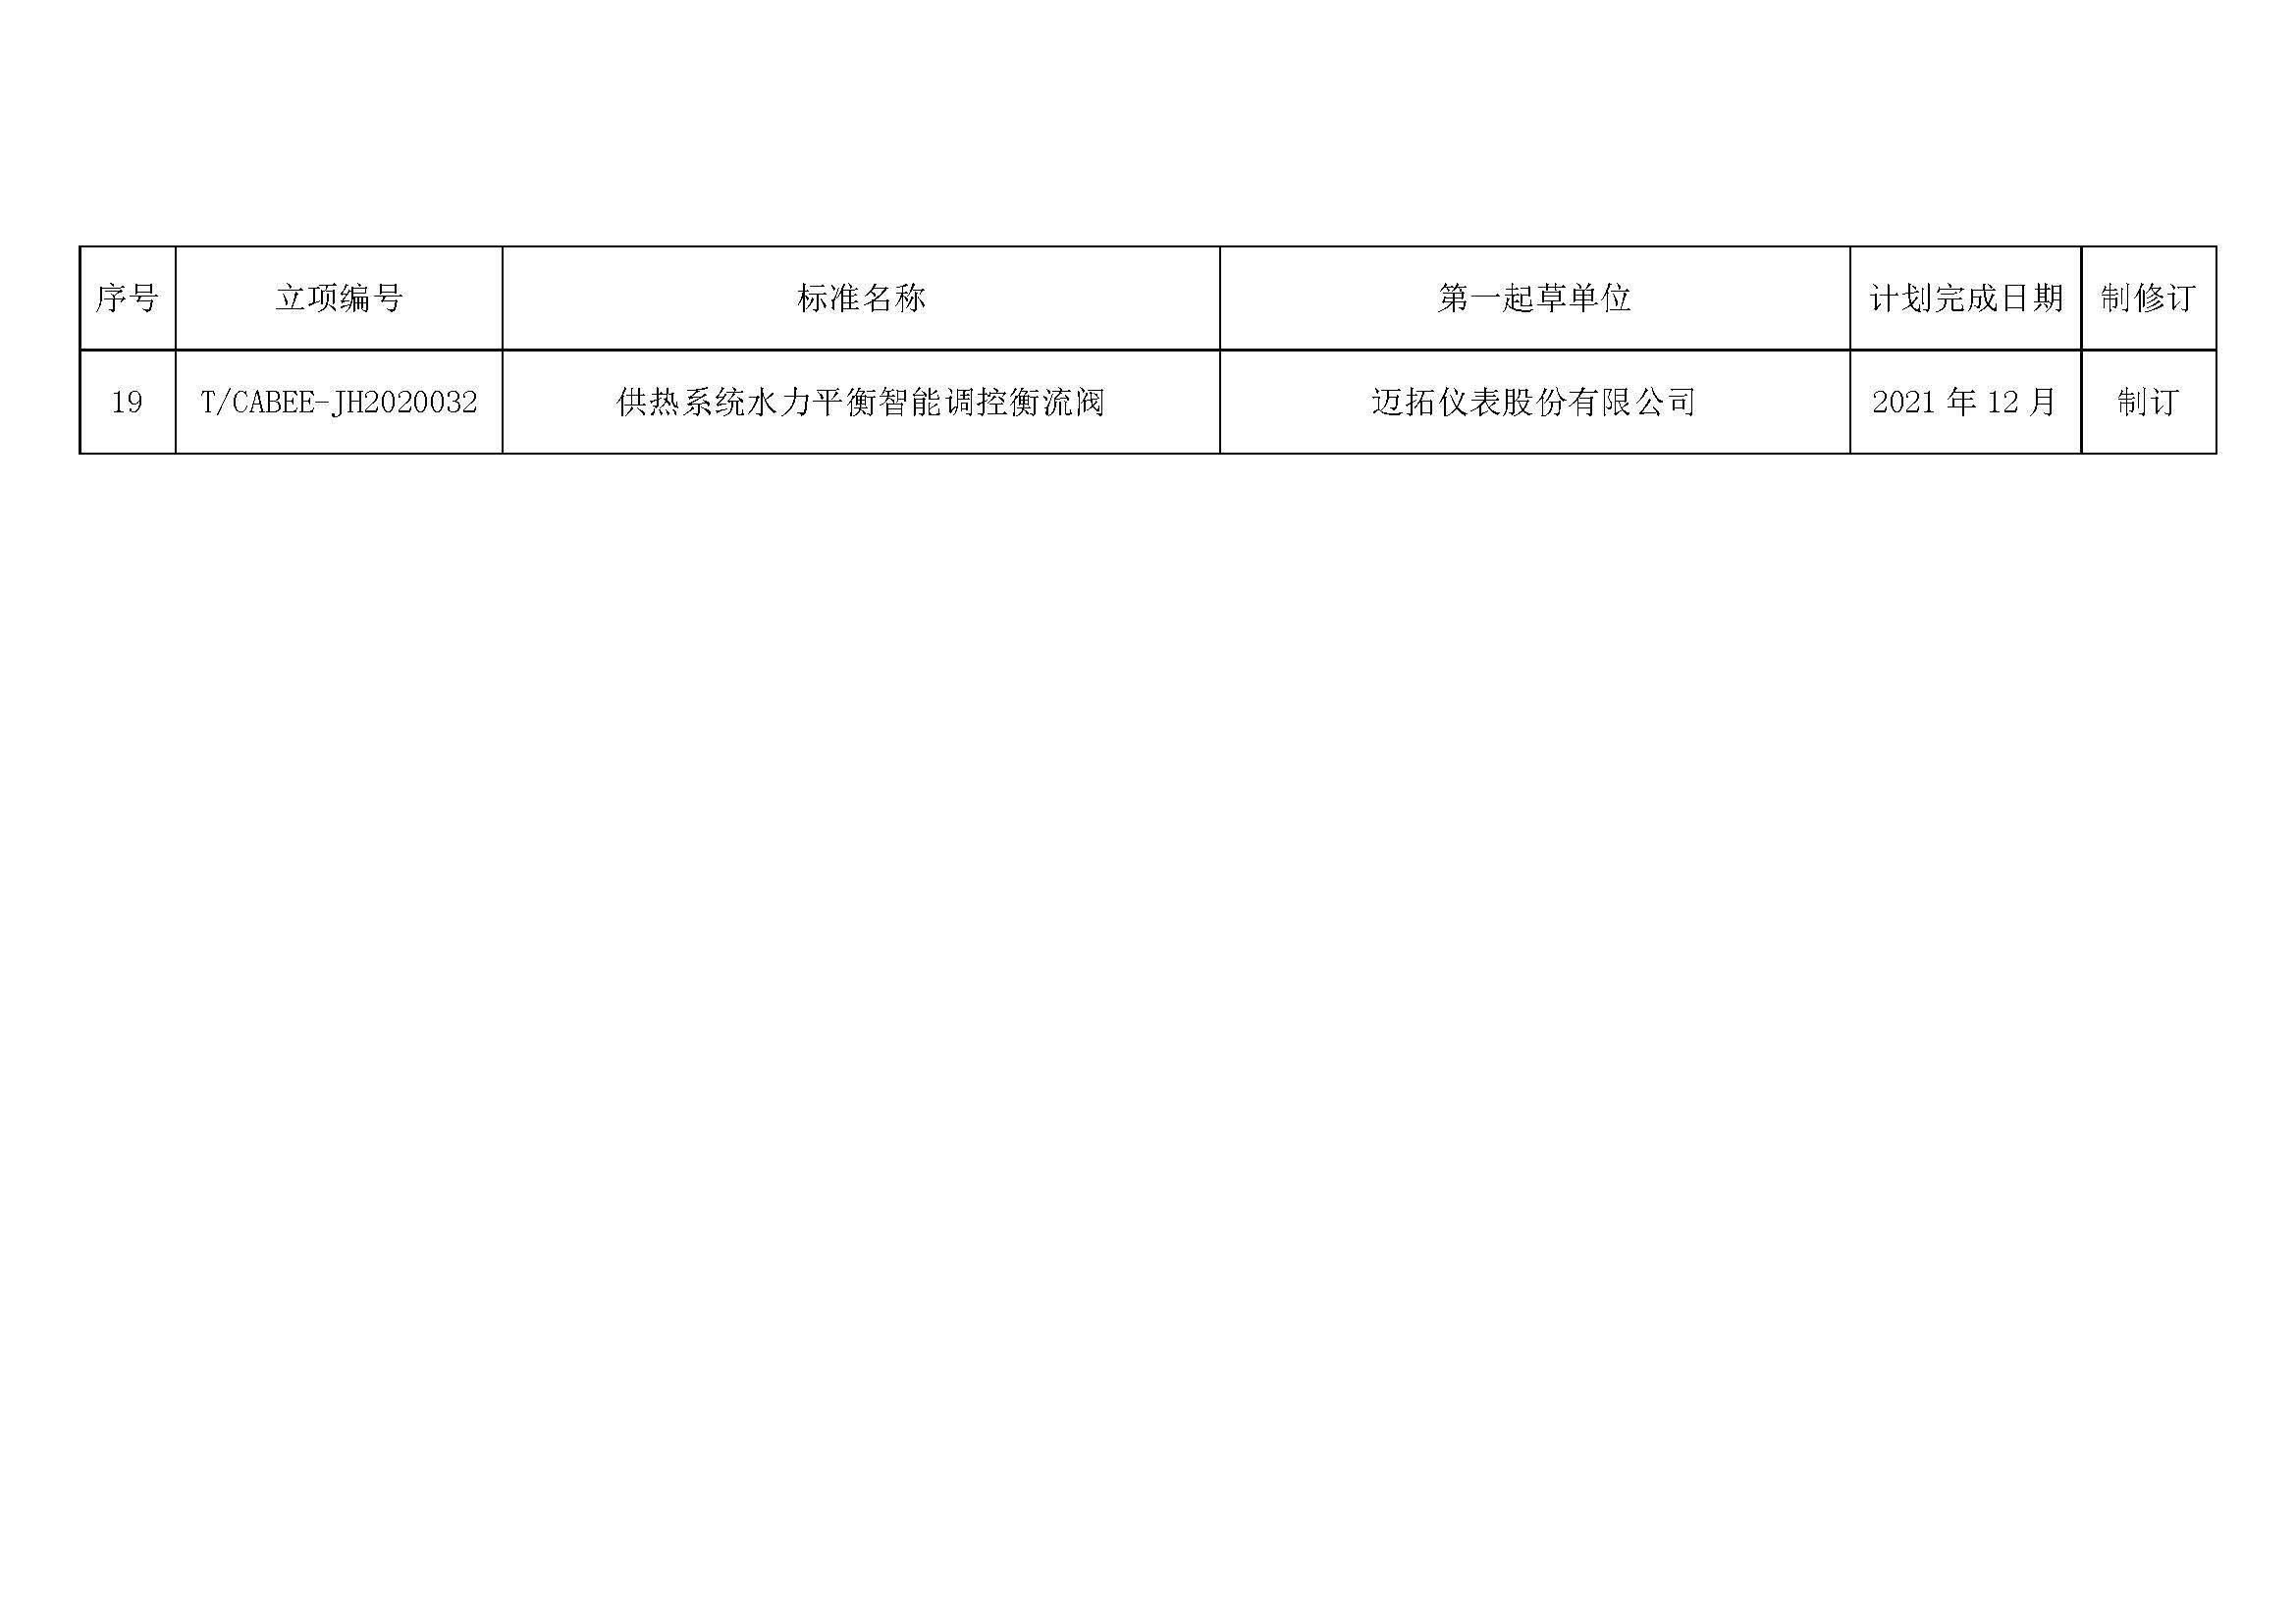 附件-2020年度第二批团体标准制修订计划_页面_3.jpg